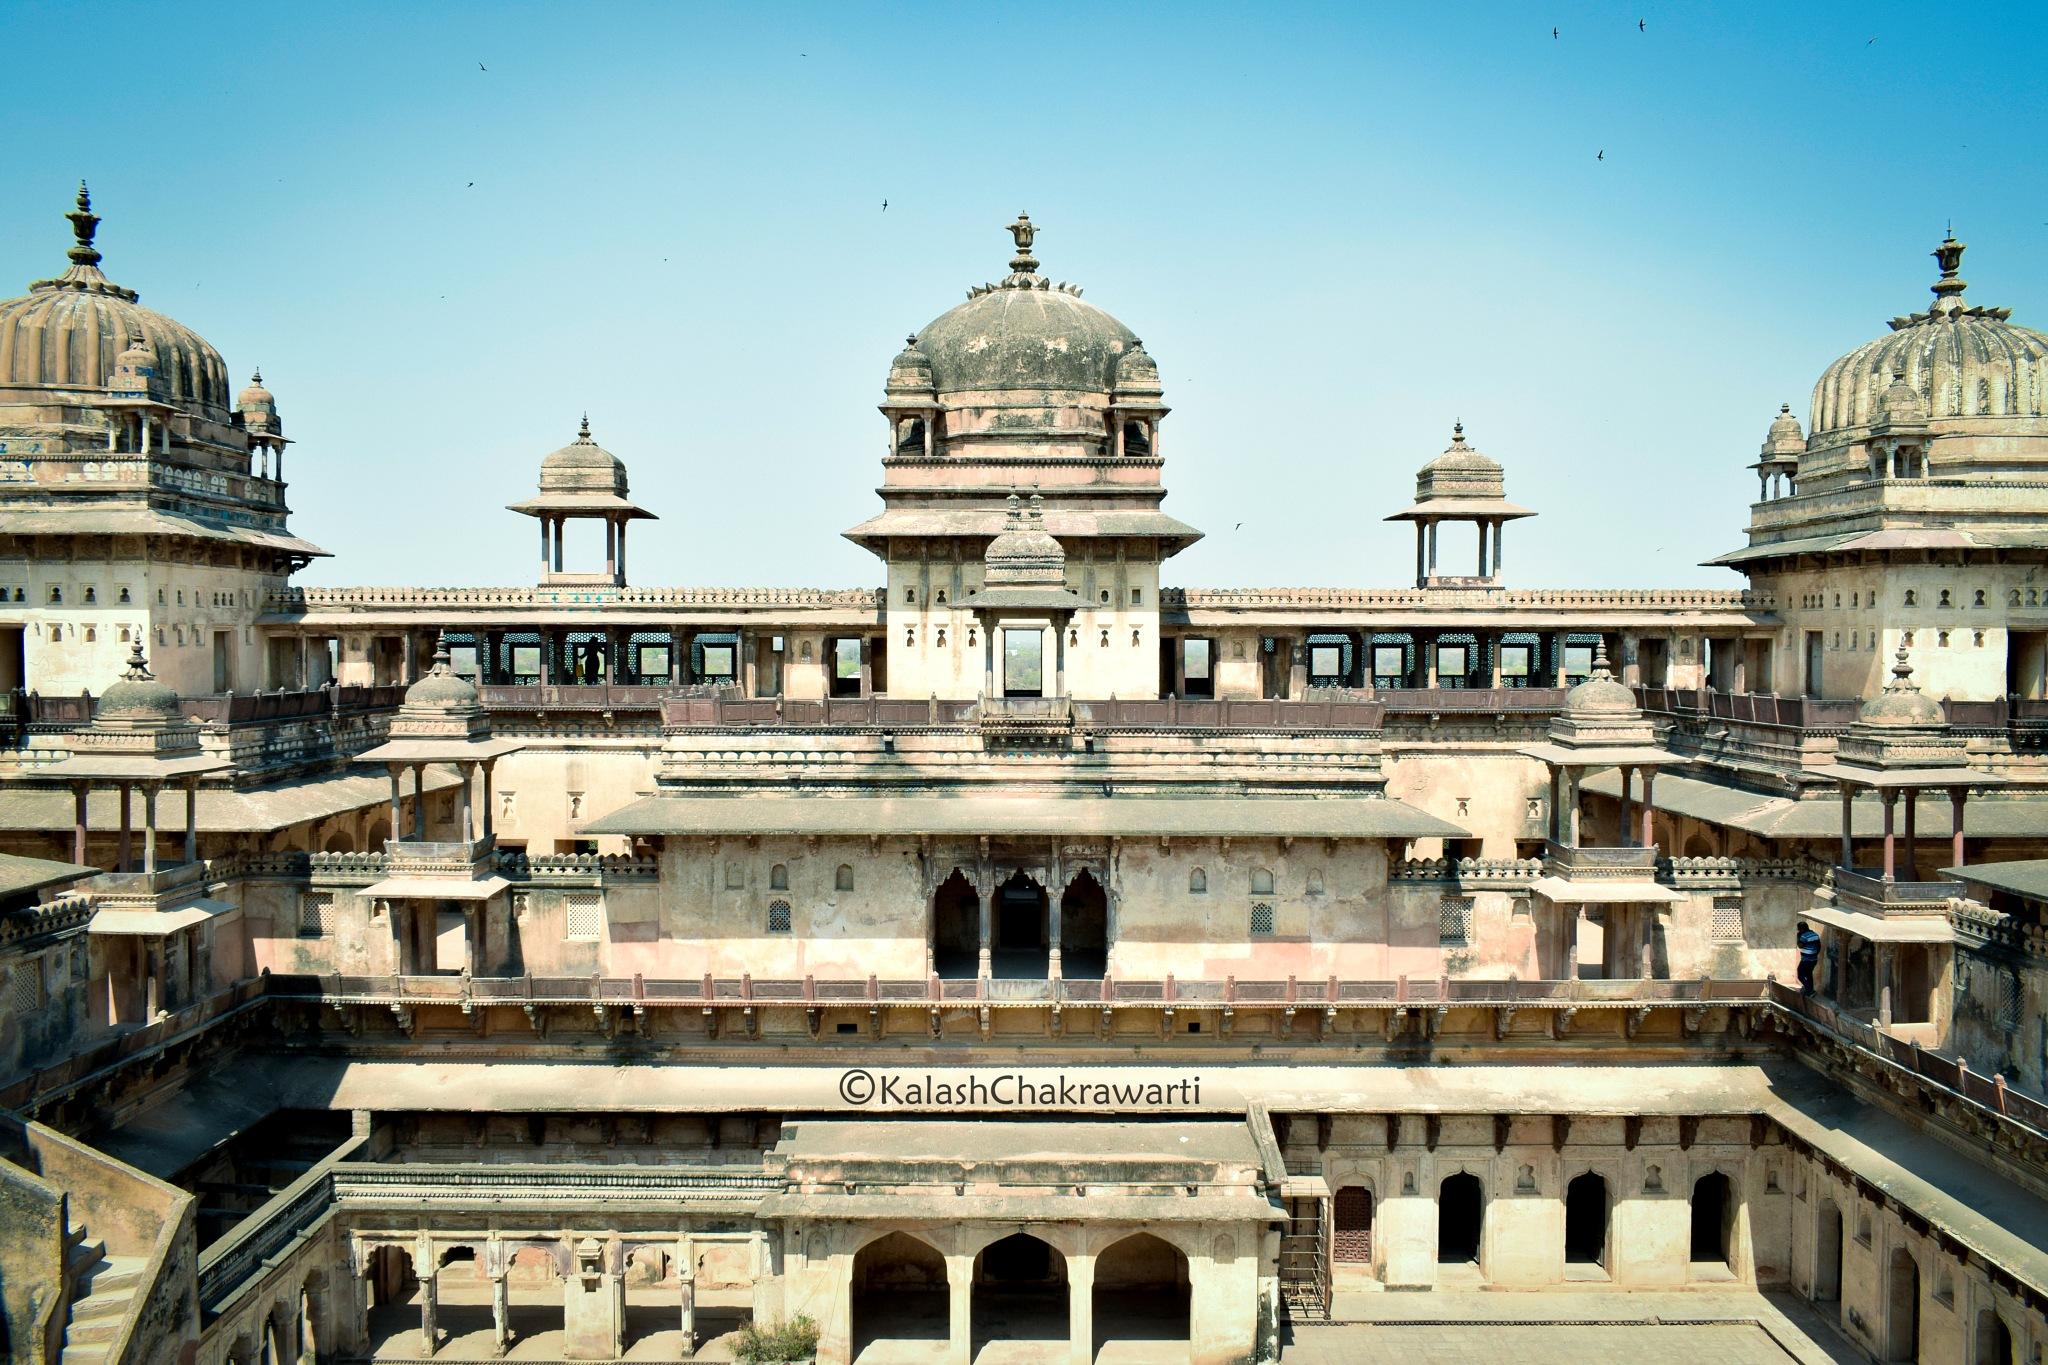 Jahagir Palace by Kalash Chakrawarti